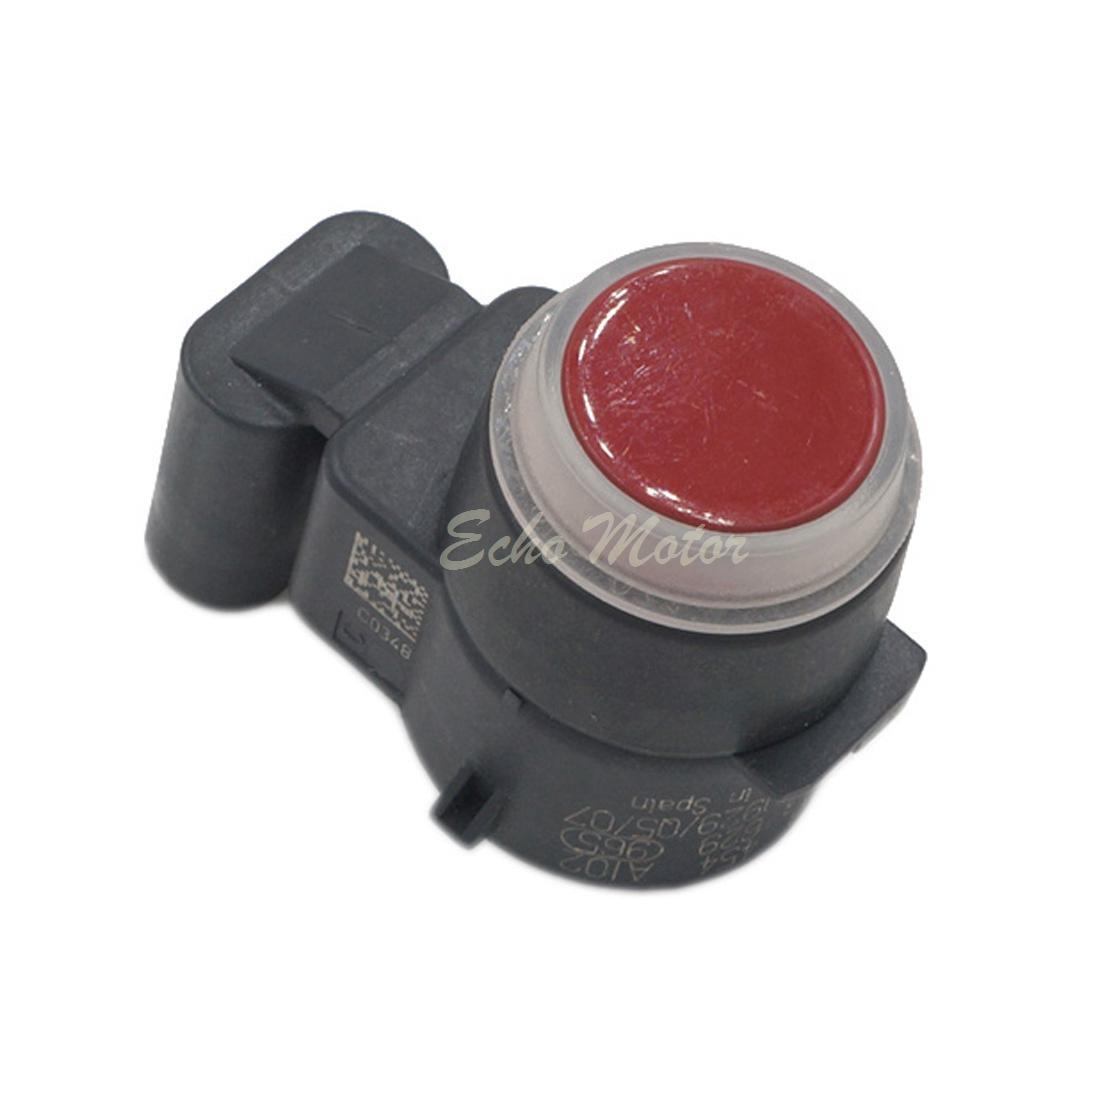 Neue 8046454 Auto PDC-Parkabstand Sensor Reverse Assist für BMW E81 / E82 / E84 / E87 / E88 / E89 / E90 / E91 / E92 / E93 echt!